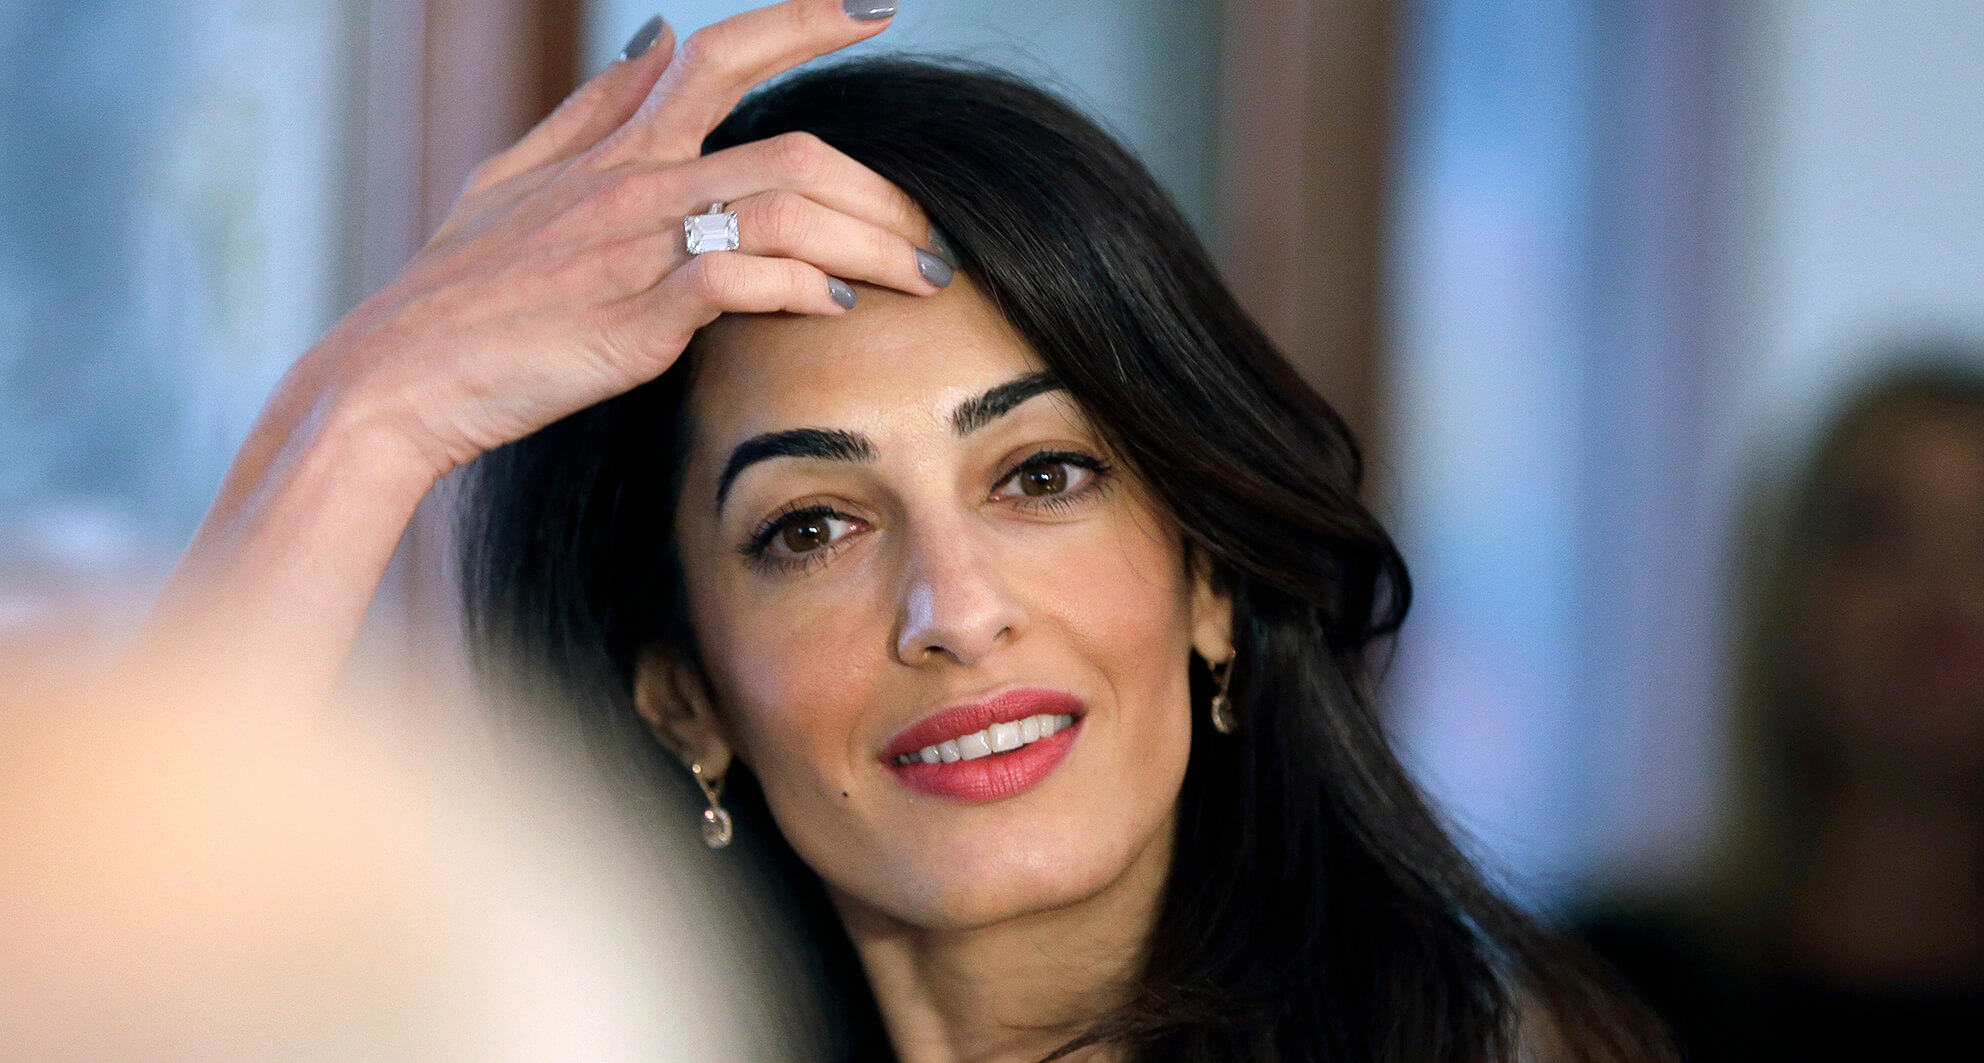 لبنانية الأصل تزوّجت من جورج كلوني قصص ونجاحات أمل علم الدين